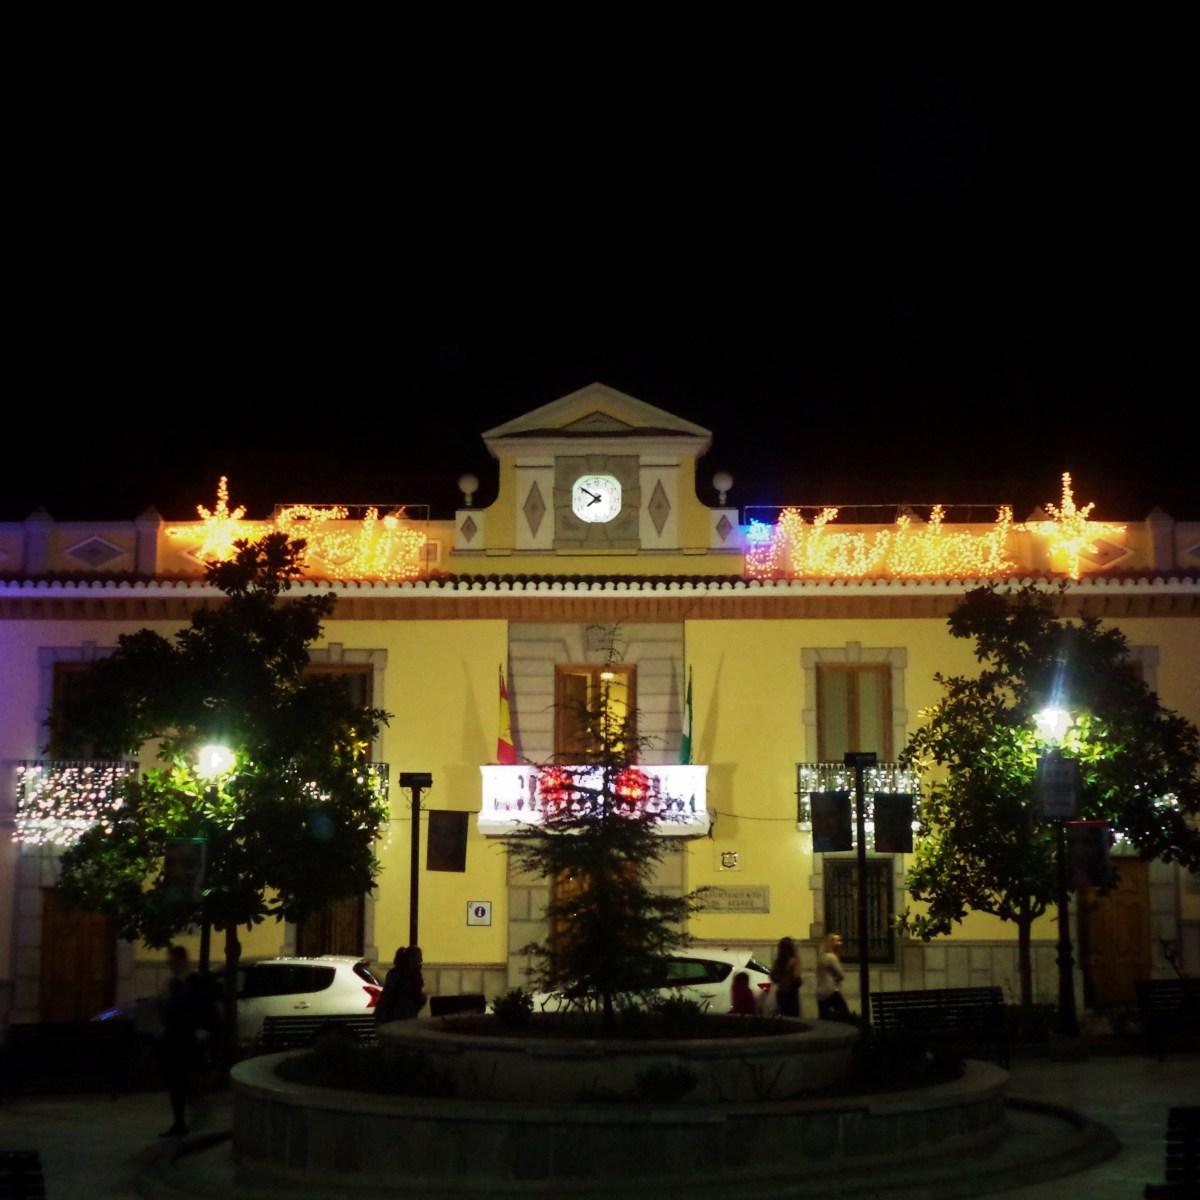 Plaza de Espaa Ayuntamiento de Atarfe  Luces de